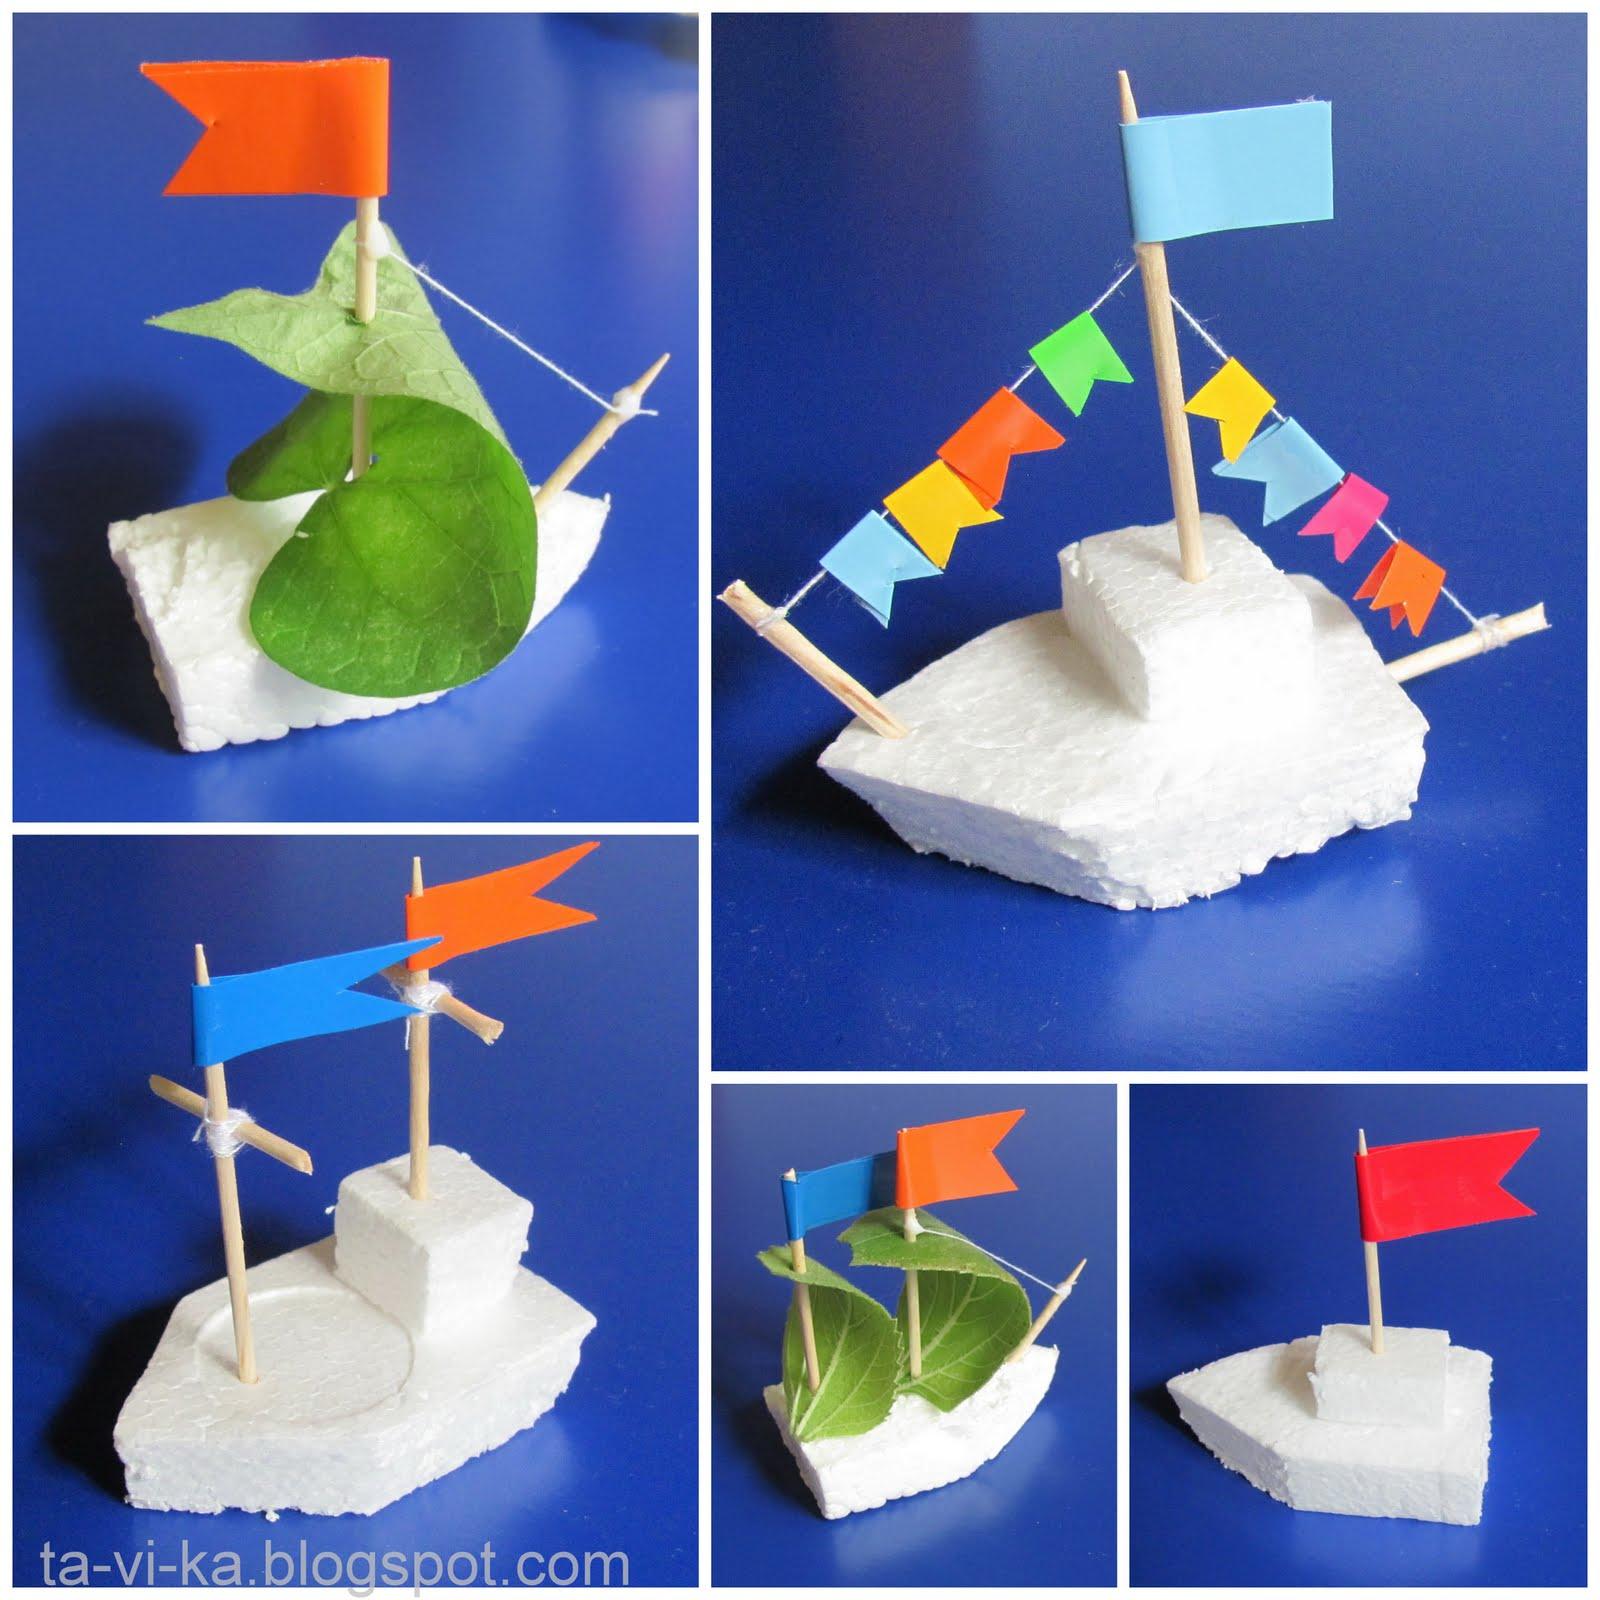 Как сделать кораблик своими руками? 7 Способов